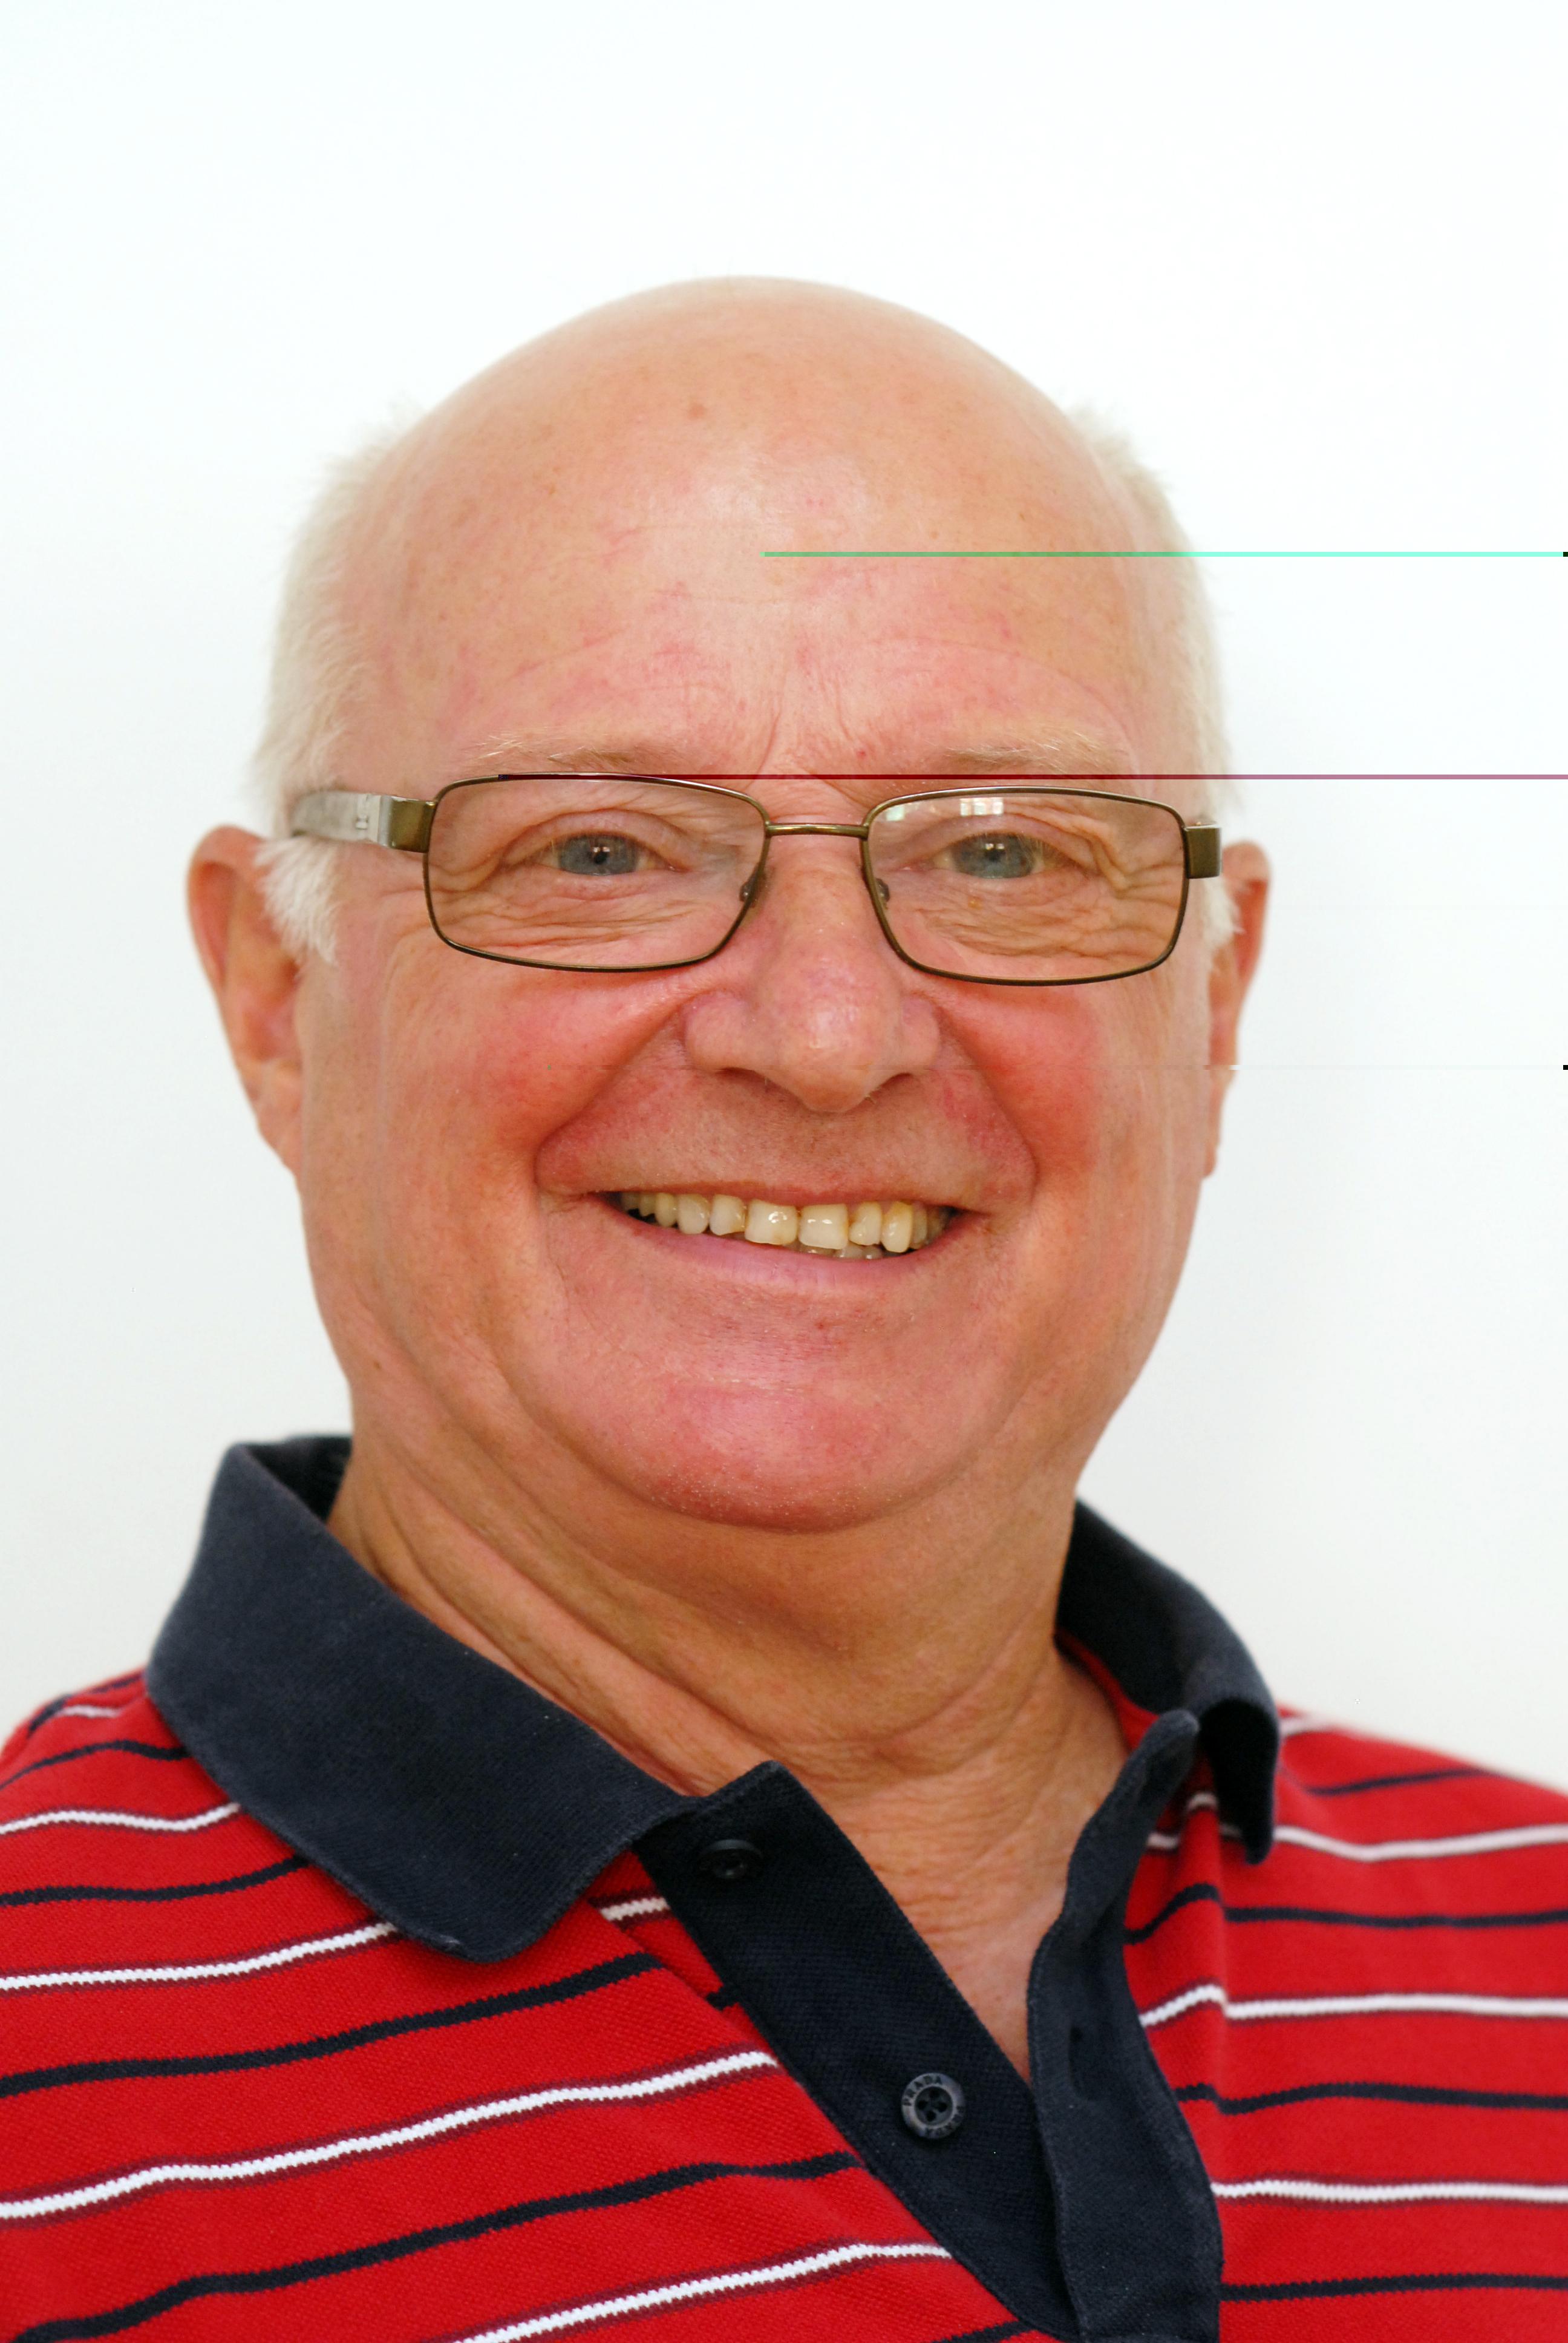 John Zangenberg portræt